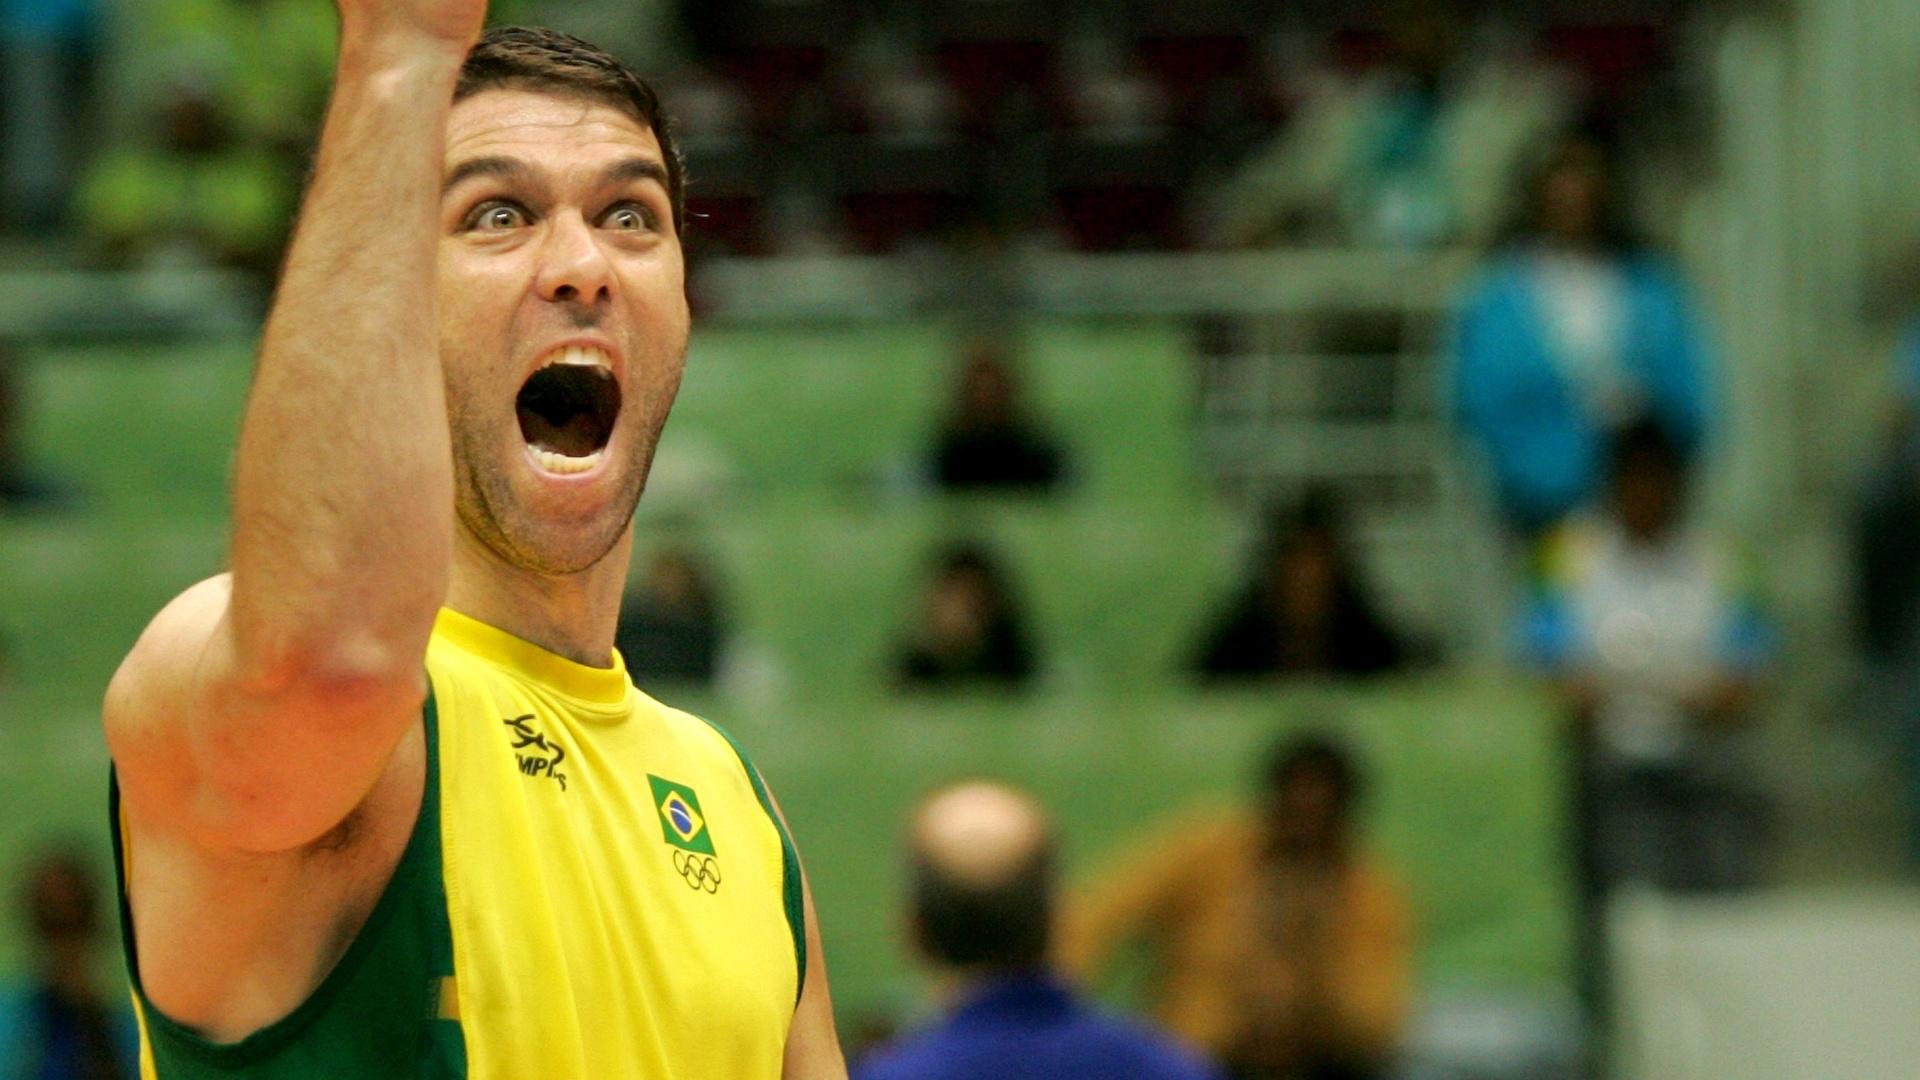 Marcelinho comemora ponto durante jogo da seleção brasileira